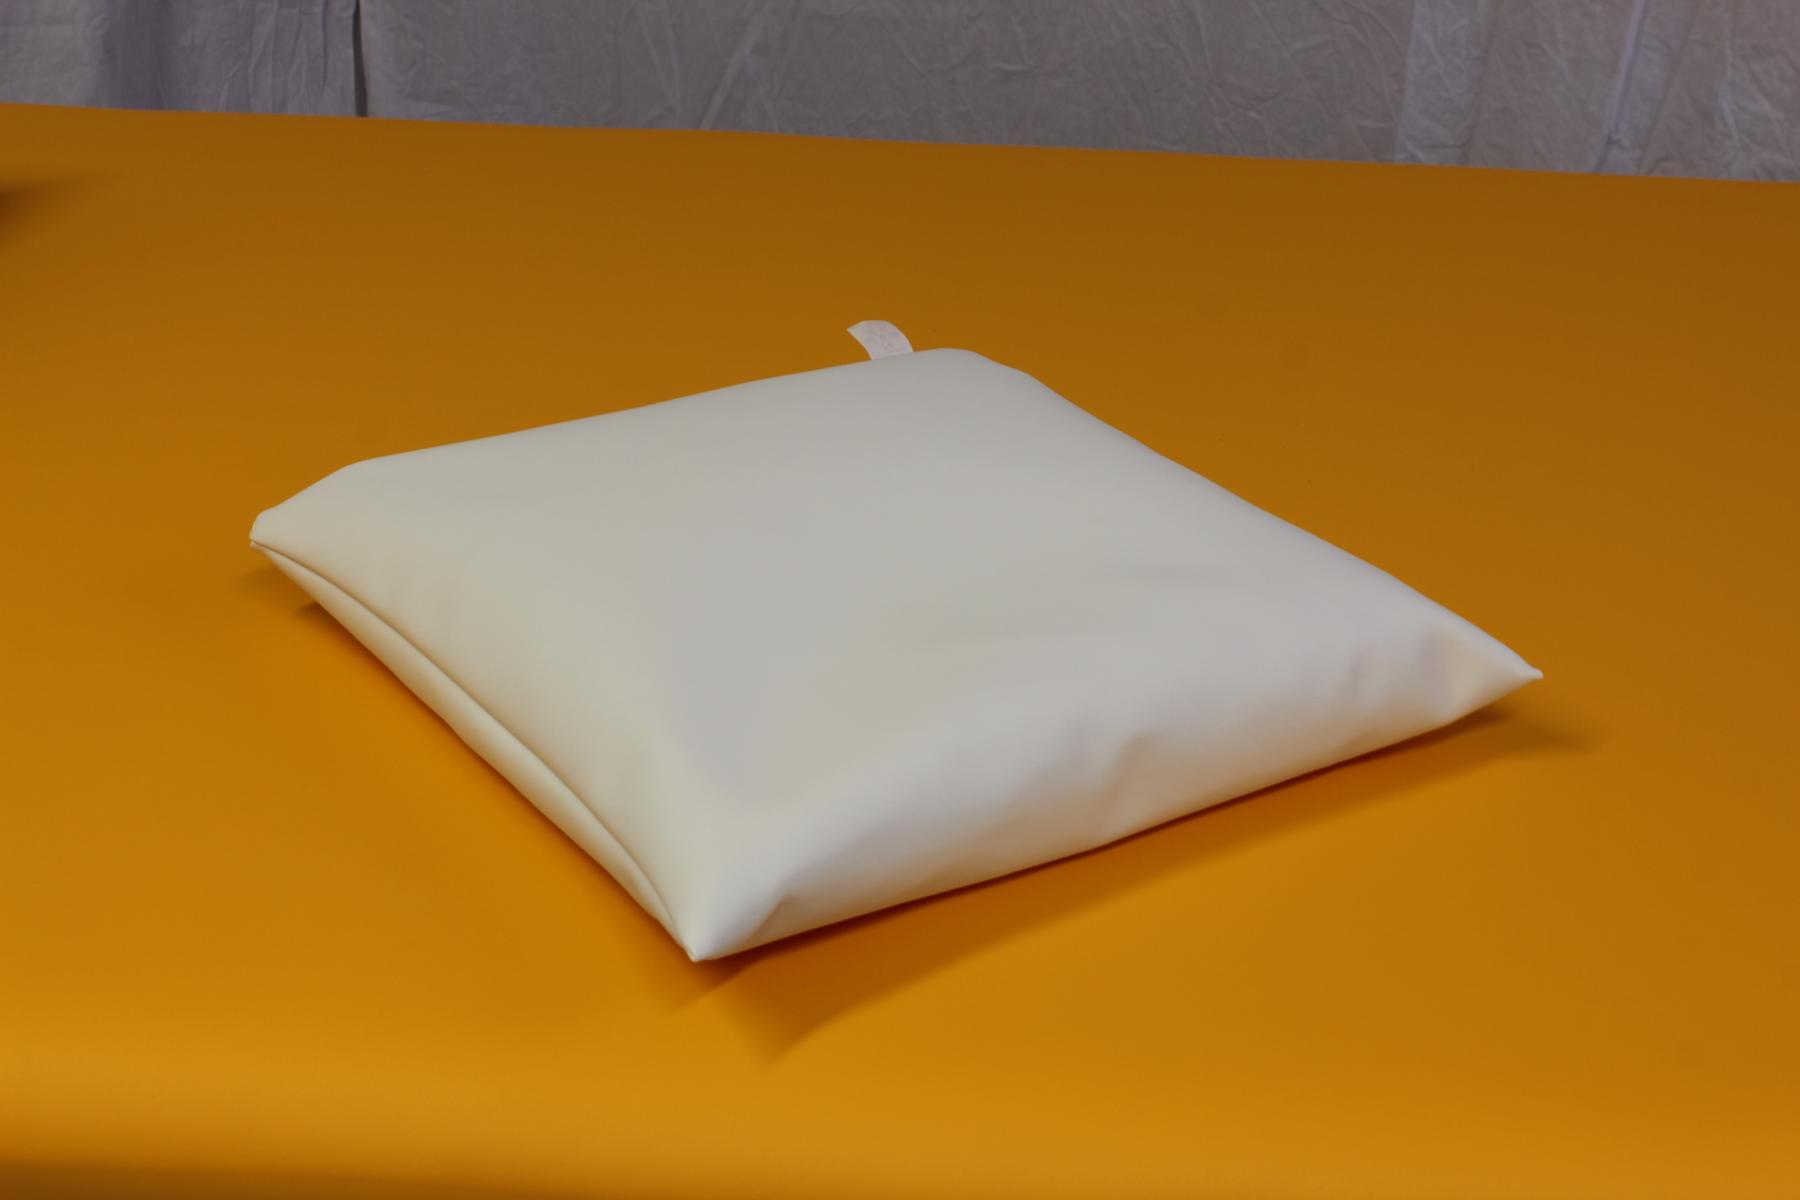 Kopfkissen mit Styroporkugeln 35 x 35 x 8 cm - Farbe: weiß